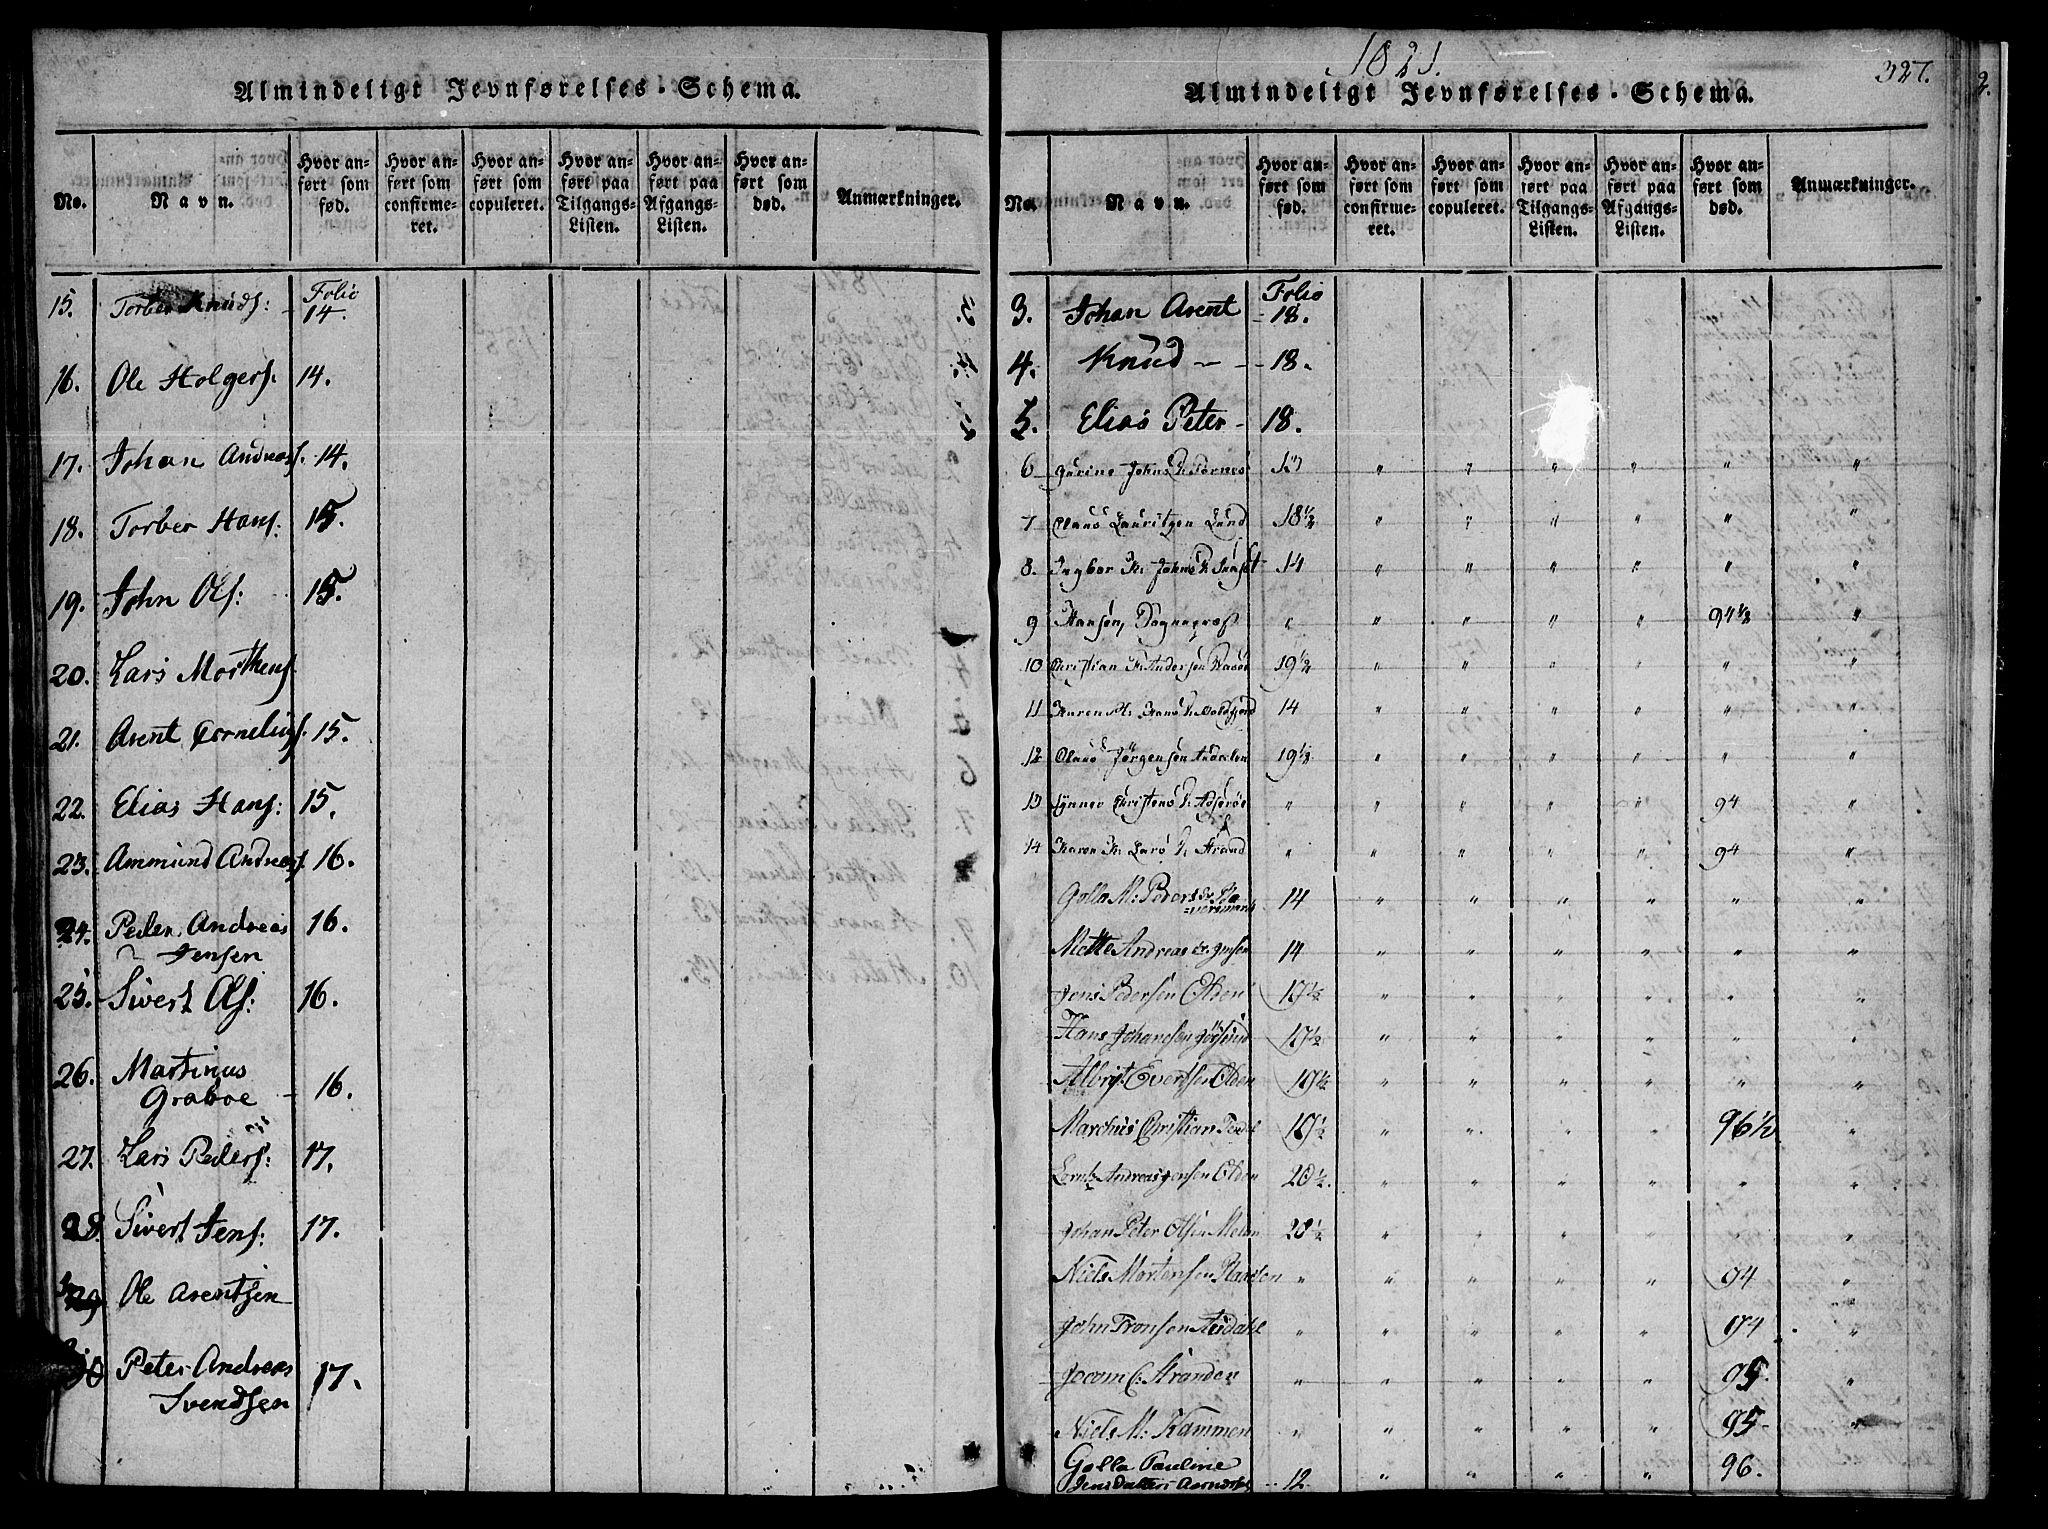 SAT, Ministerialprotokoller, klokkerbøker og fødselsregistre - Sør-Trøndelag, 655/L0675: Ministerialbok nr. 655A04, 1818-1830, s. 327